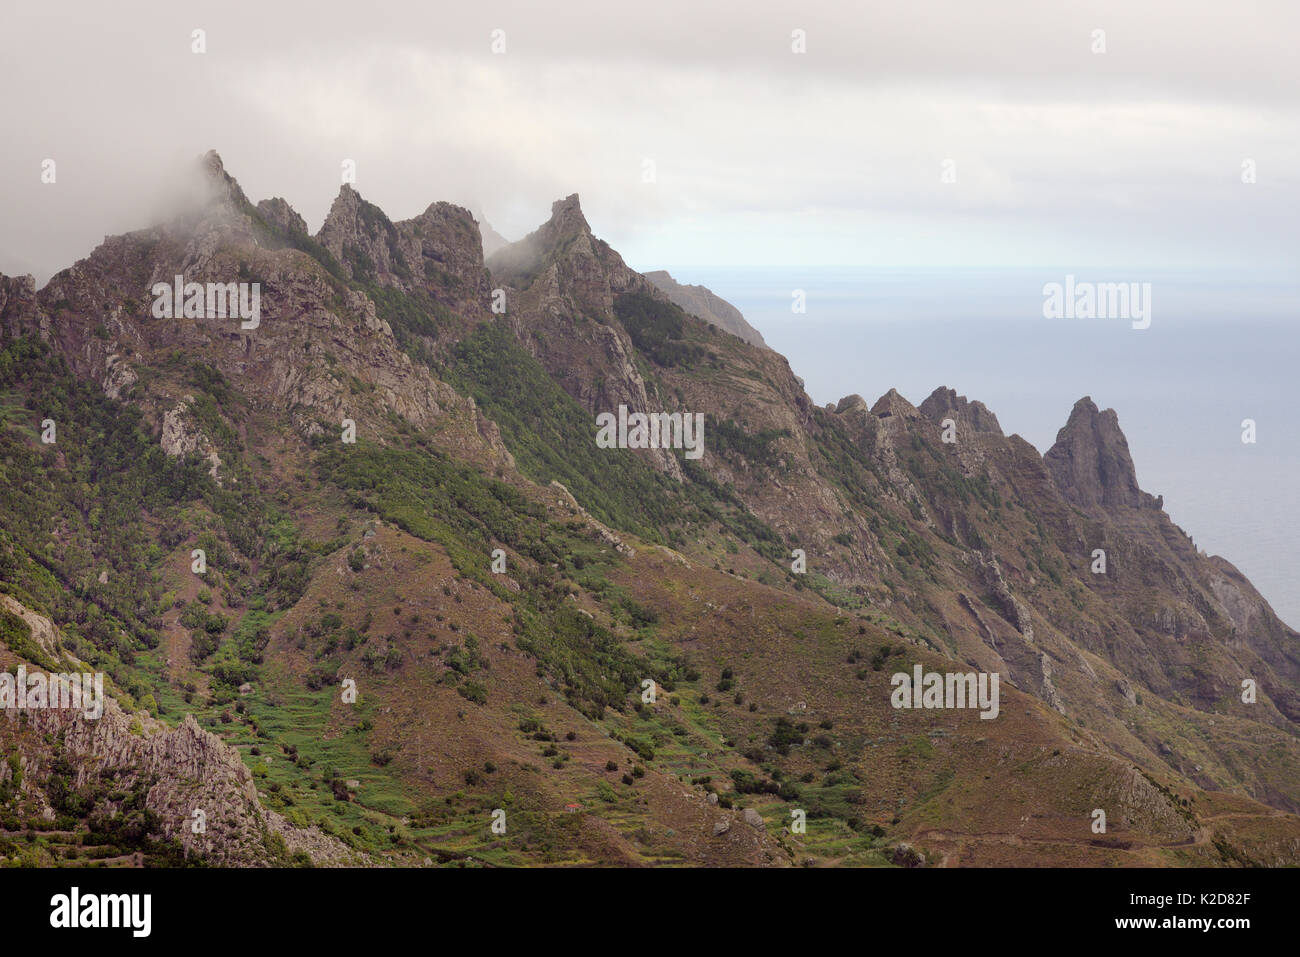 Erloschene Vulkane in der Cloud-ummantelte Anagagebirge von subtropischen Lorbeerwälder über Taganana Dorf flankiert, Stockfoto